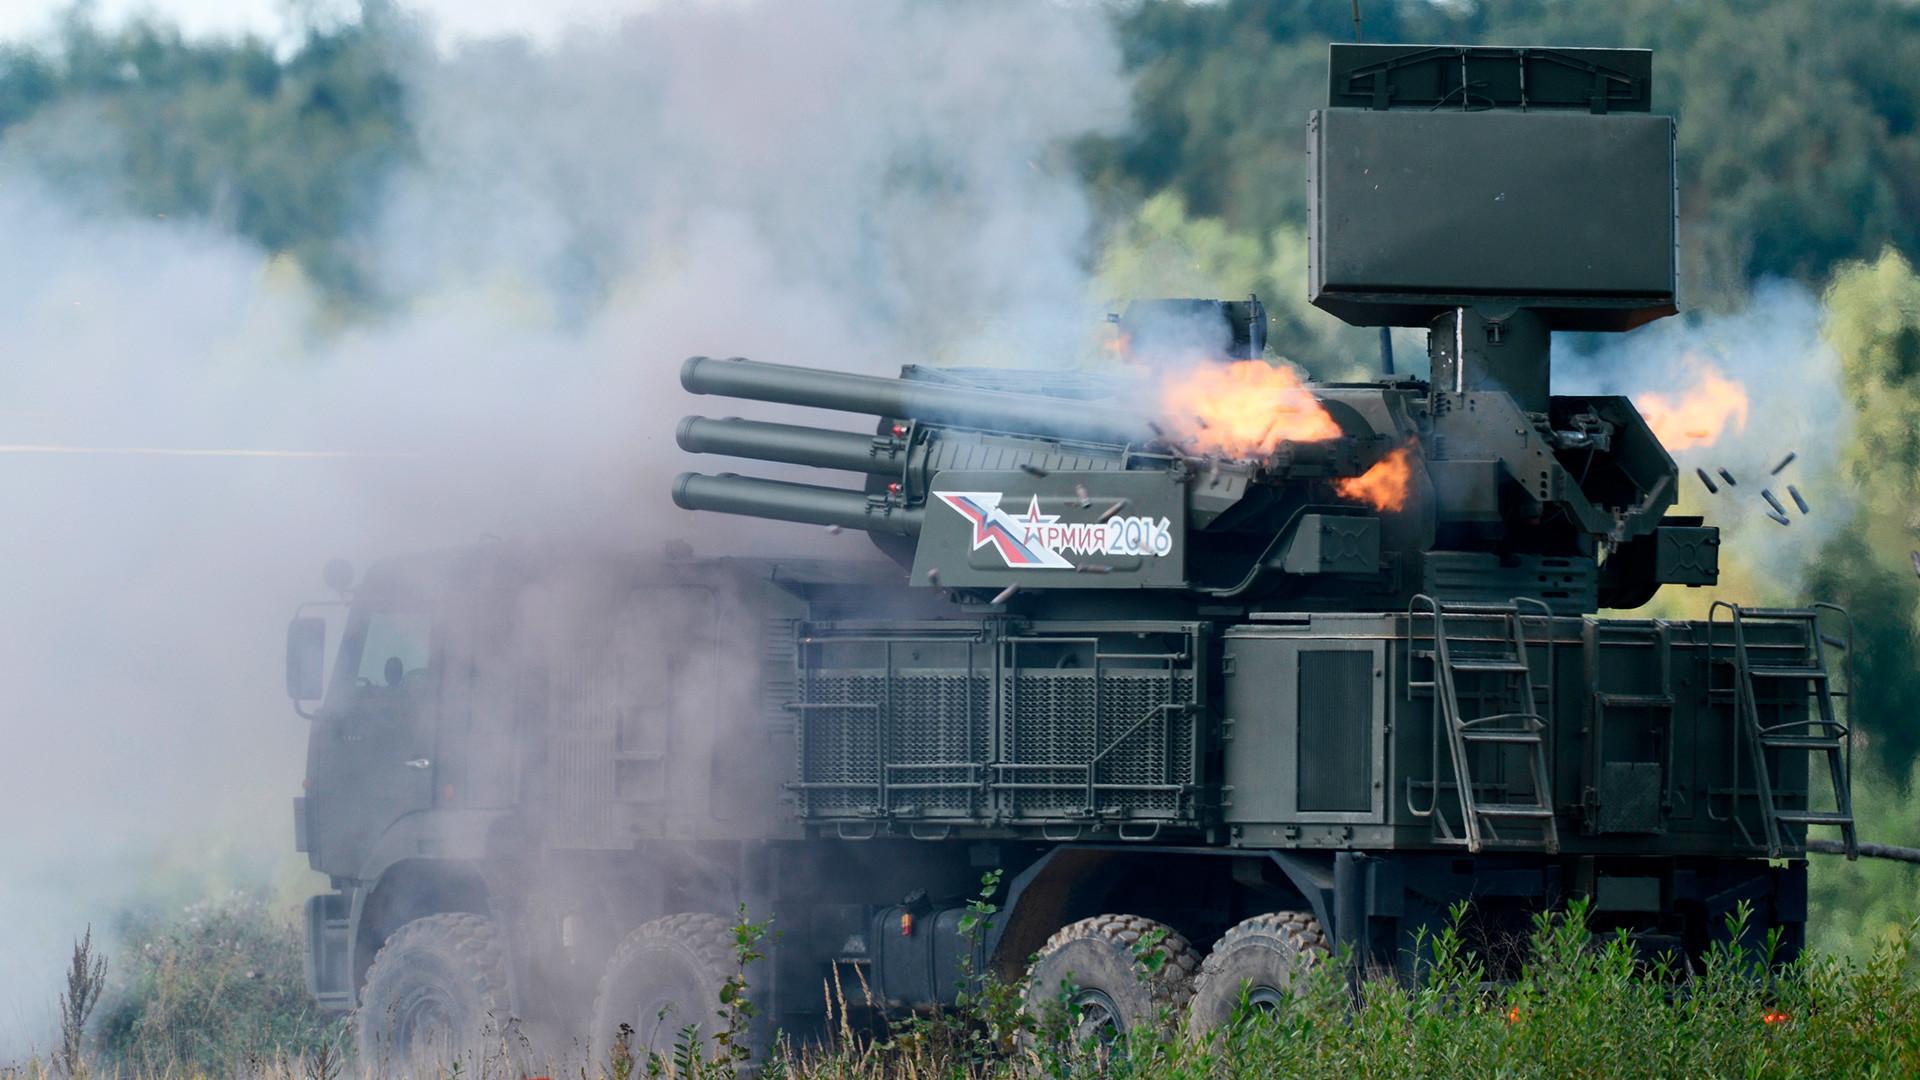 """Ракетно-топовски ПВО систем 96К6 """"Панцир-С1"""" на Међународном војнотехничком форуму """"Армија 2016"""" на војном полигону Алабино."""